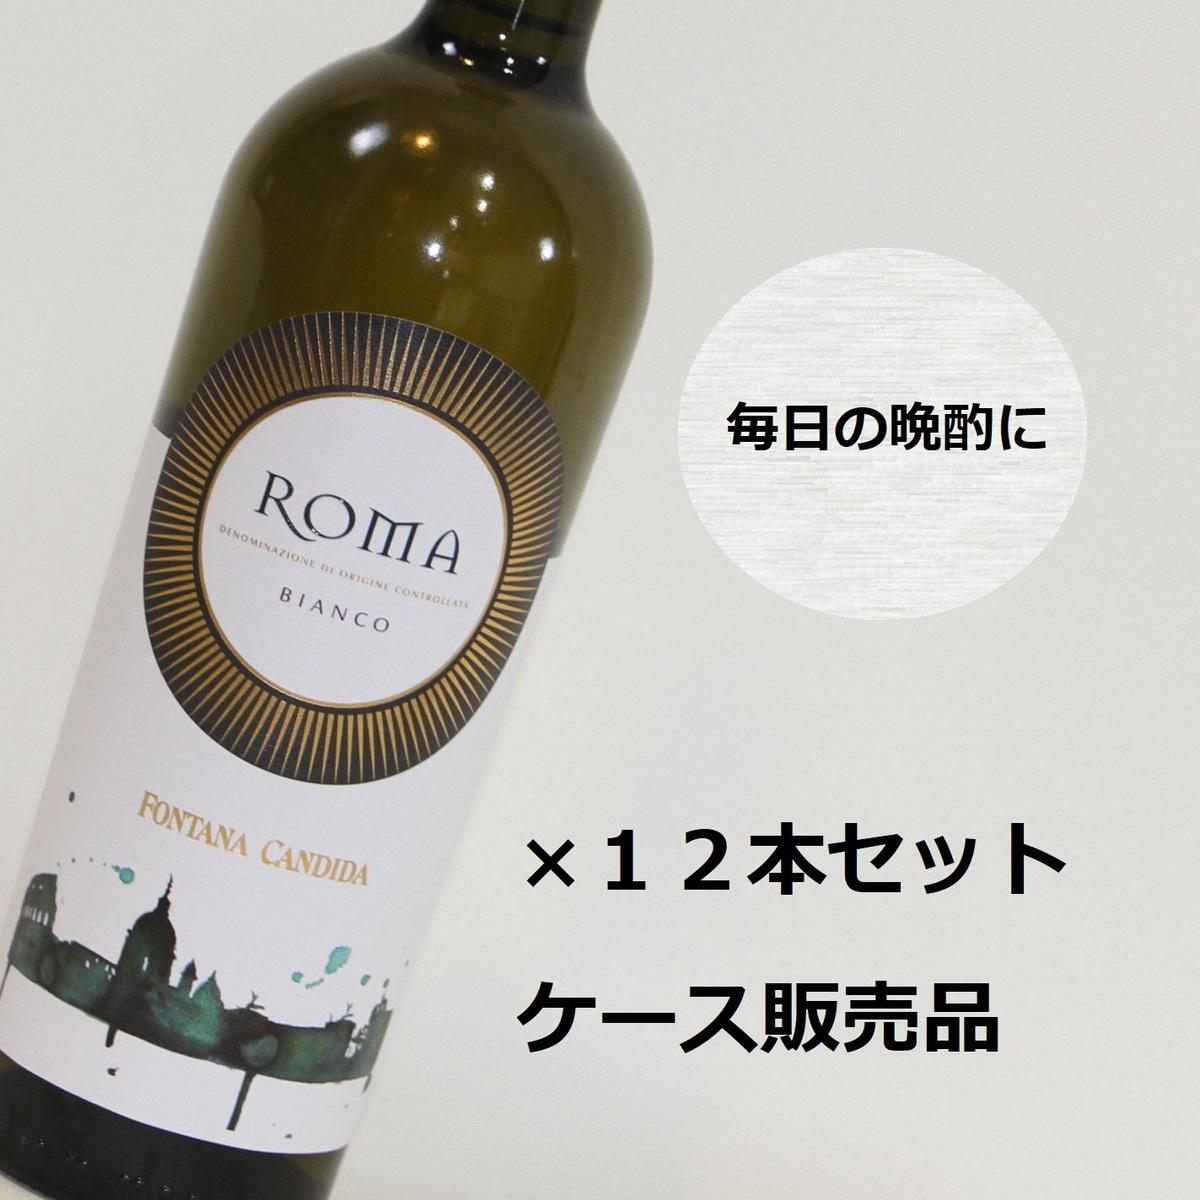 【12本セット】ローマビアンコ フォンタナ カンディダ Roma Bianco Fontana Candida イタリア ローマ ラツィオ 白ワイン 750ml